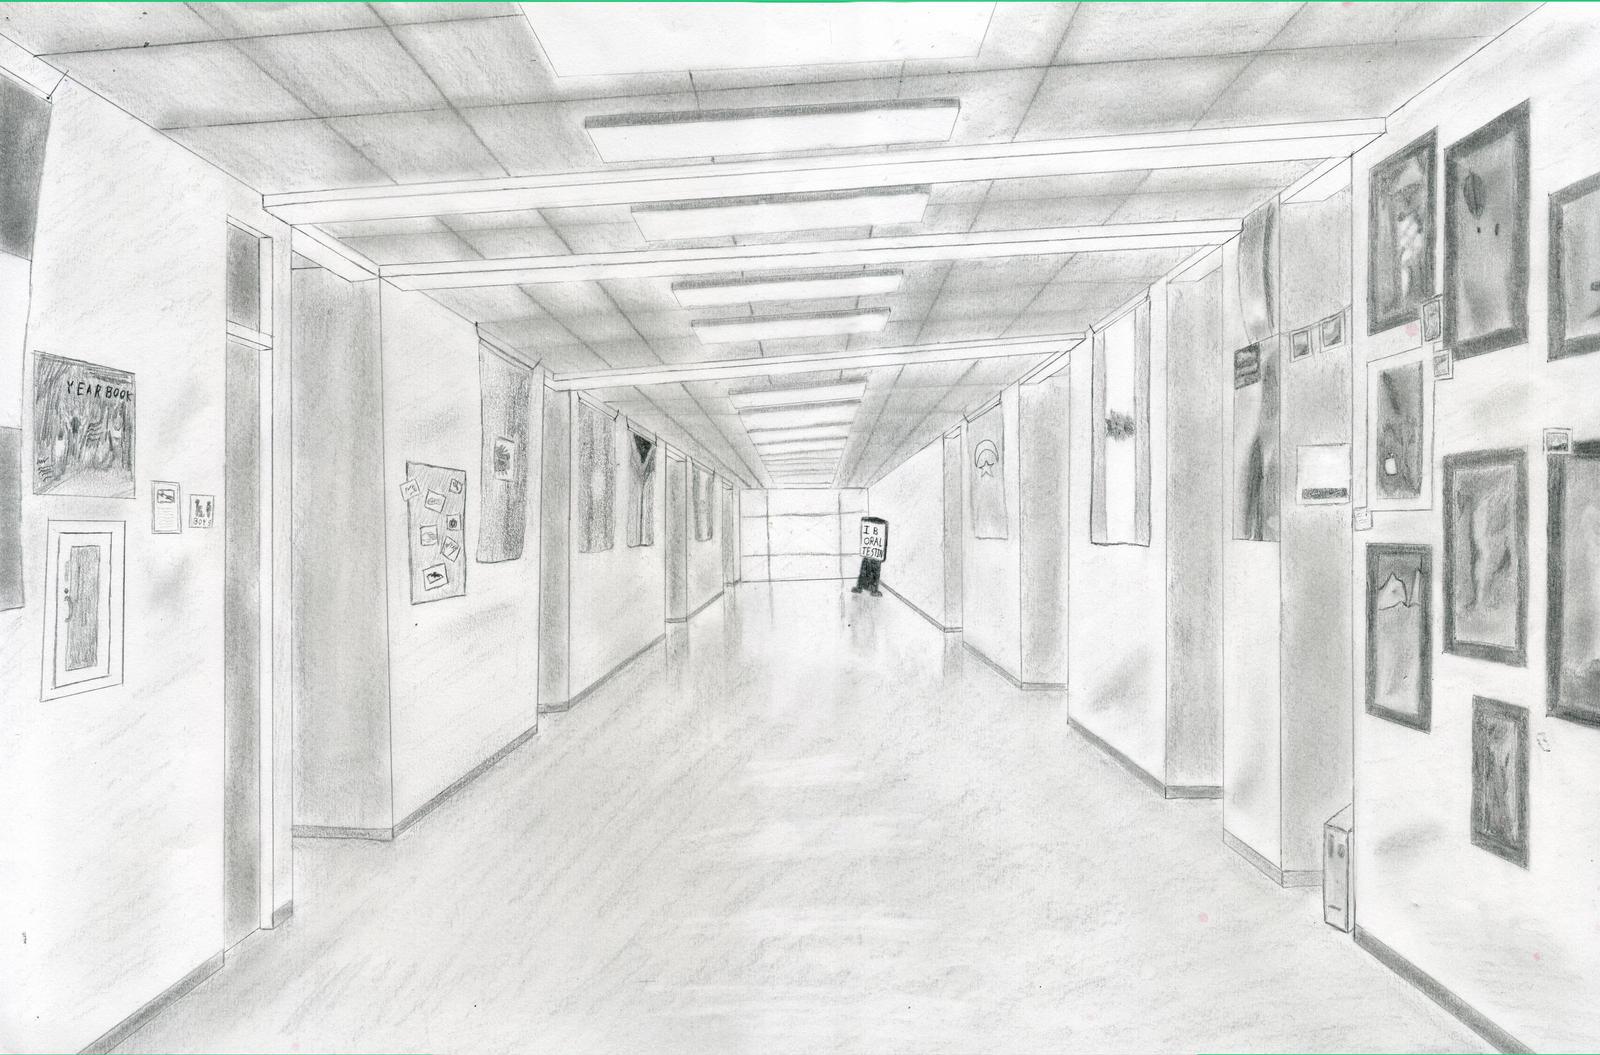 school hallway drawing - HD1600×1055